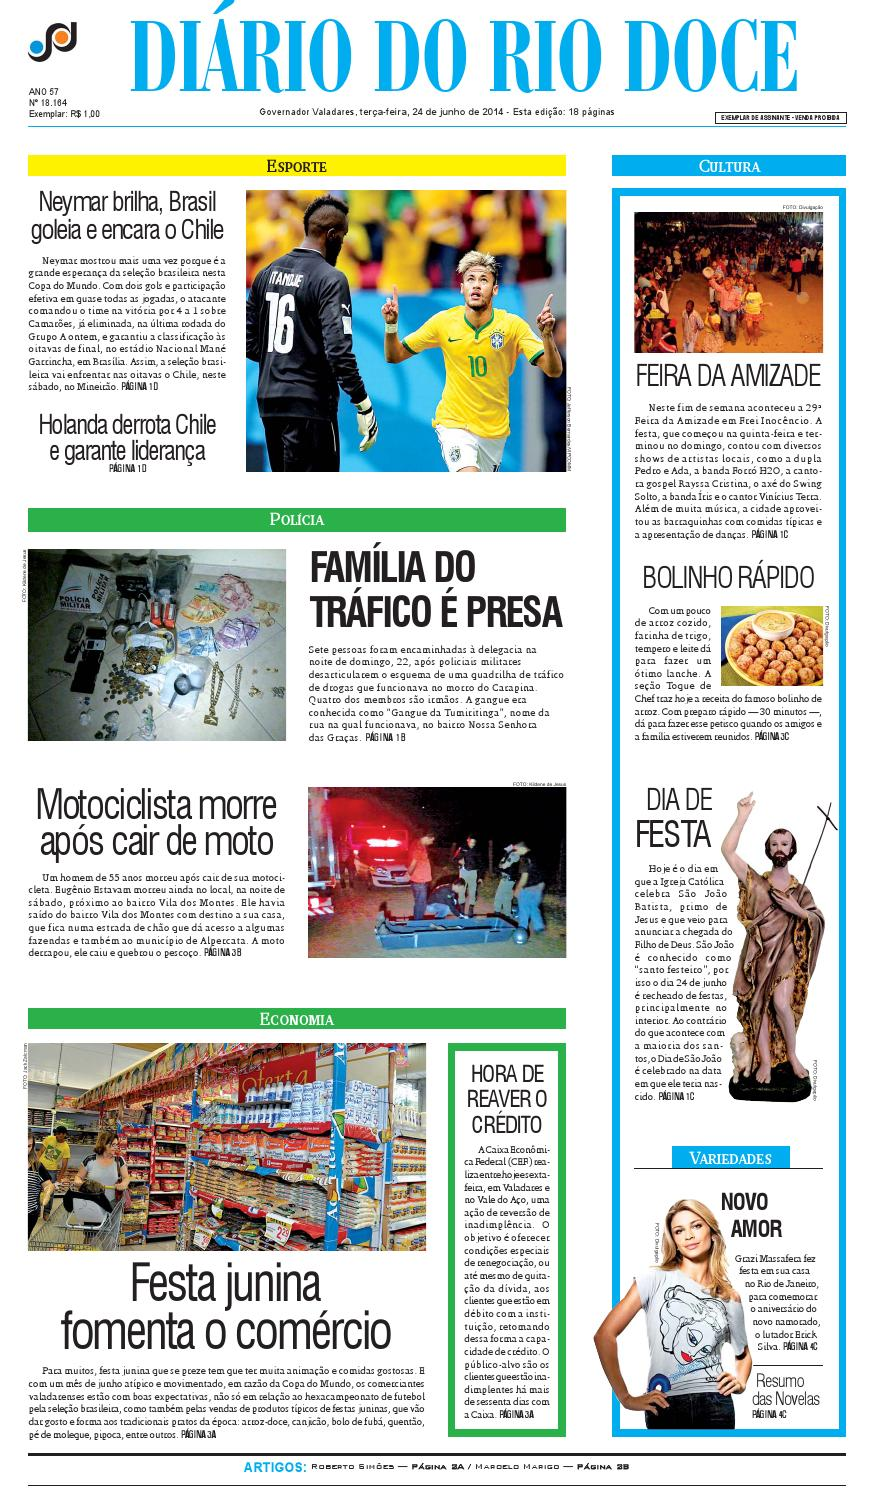 Diário do Rio Doce - Edição de 24 06 2014 by Diário do Rio Doce - issuu fb031849b0ced